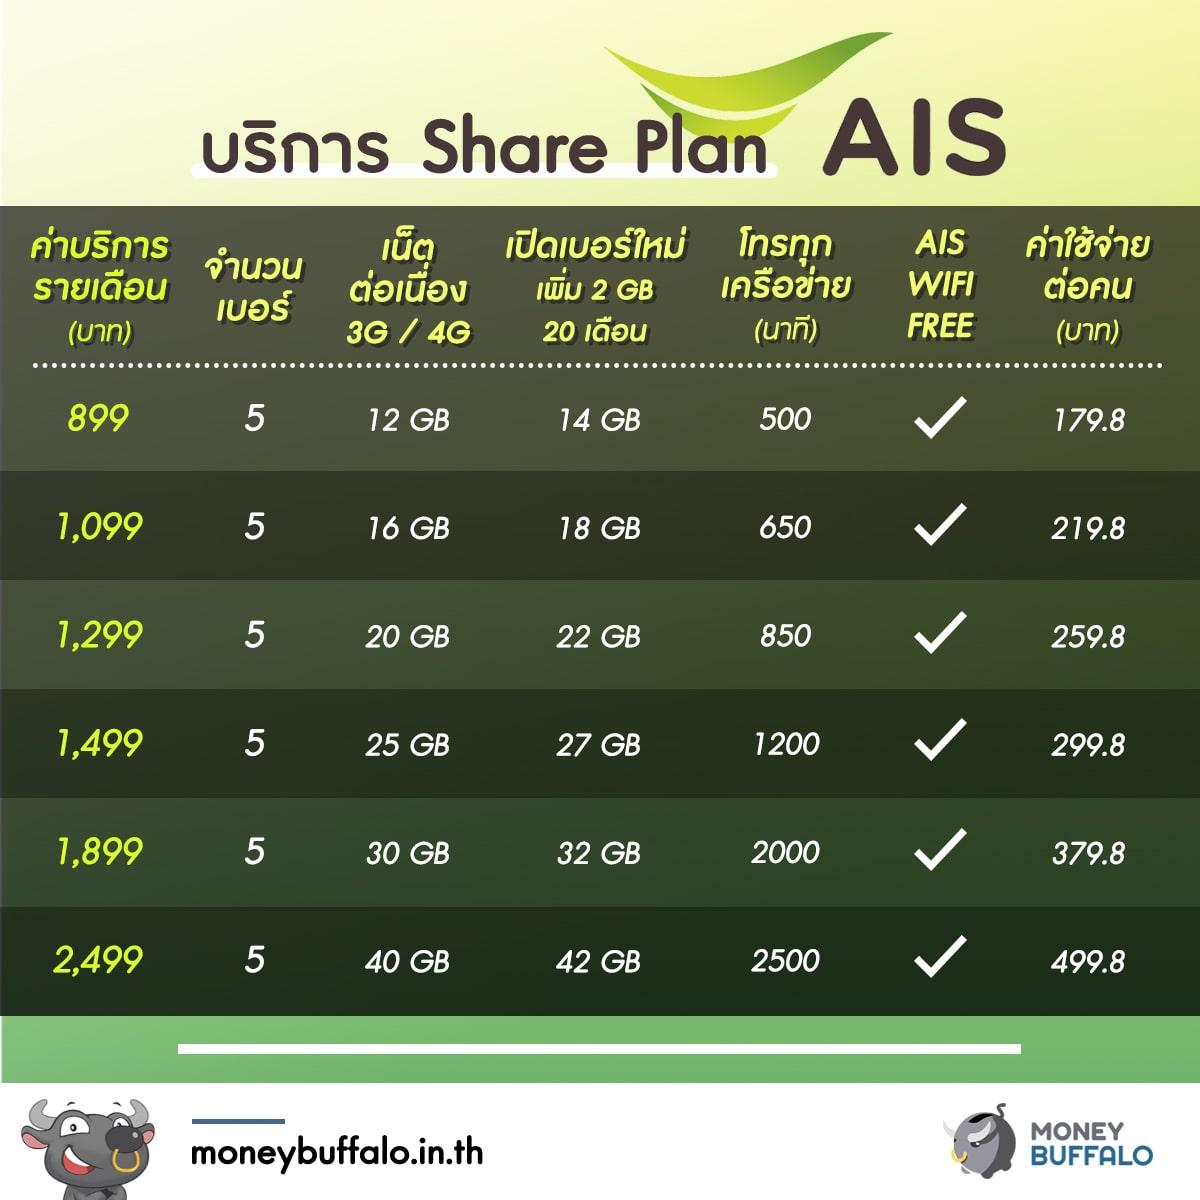 """เปรียบเทียบ """"แพ็กเกจ Share Plan"""" จาก 3 ค่าย ใช้ค่ายไหนคุ้มที่สุด ?"""